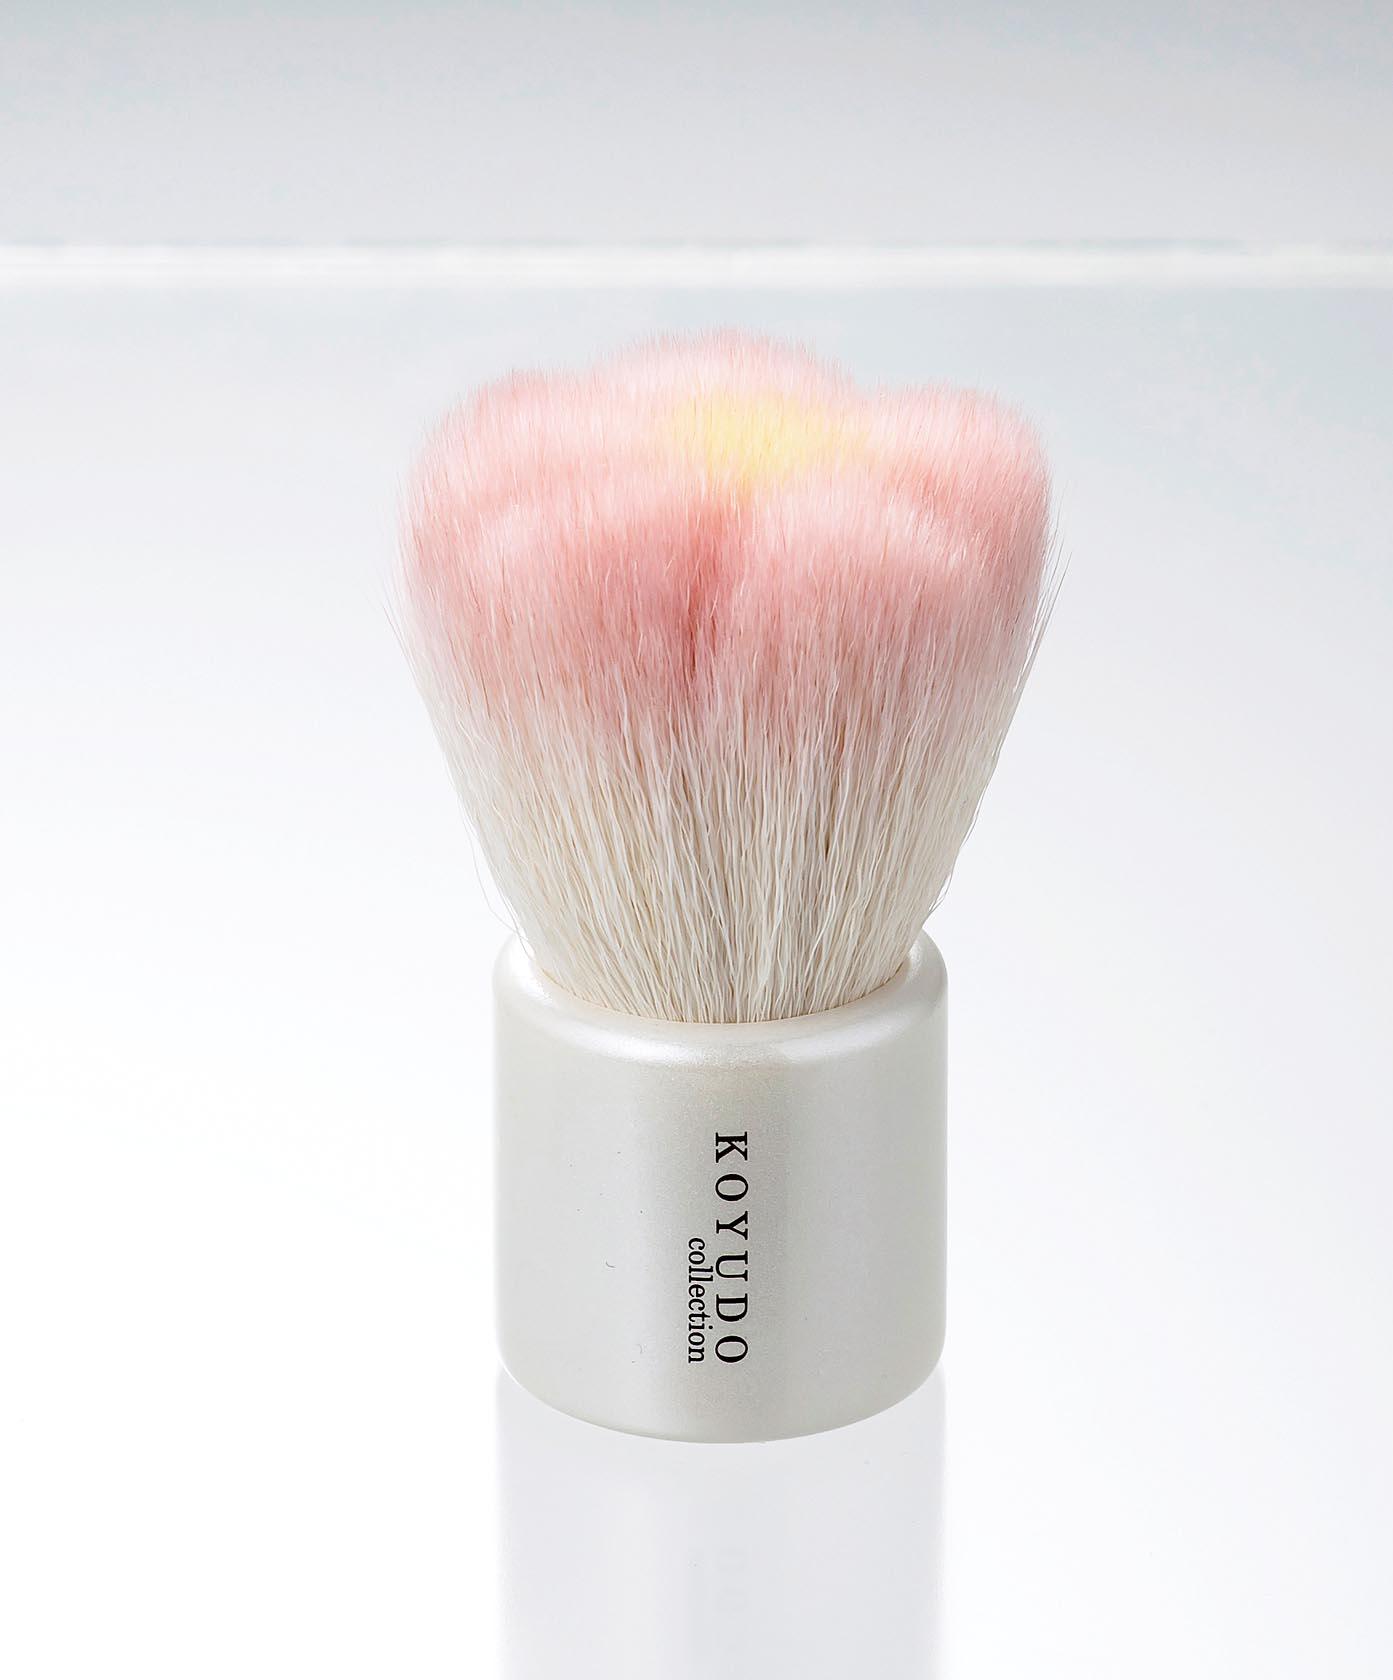 熊野筆 フラワー洗顔ブラシ [42-689-40]